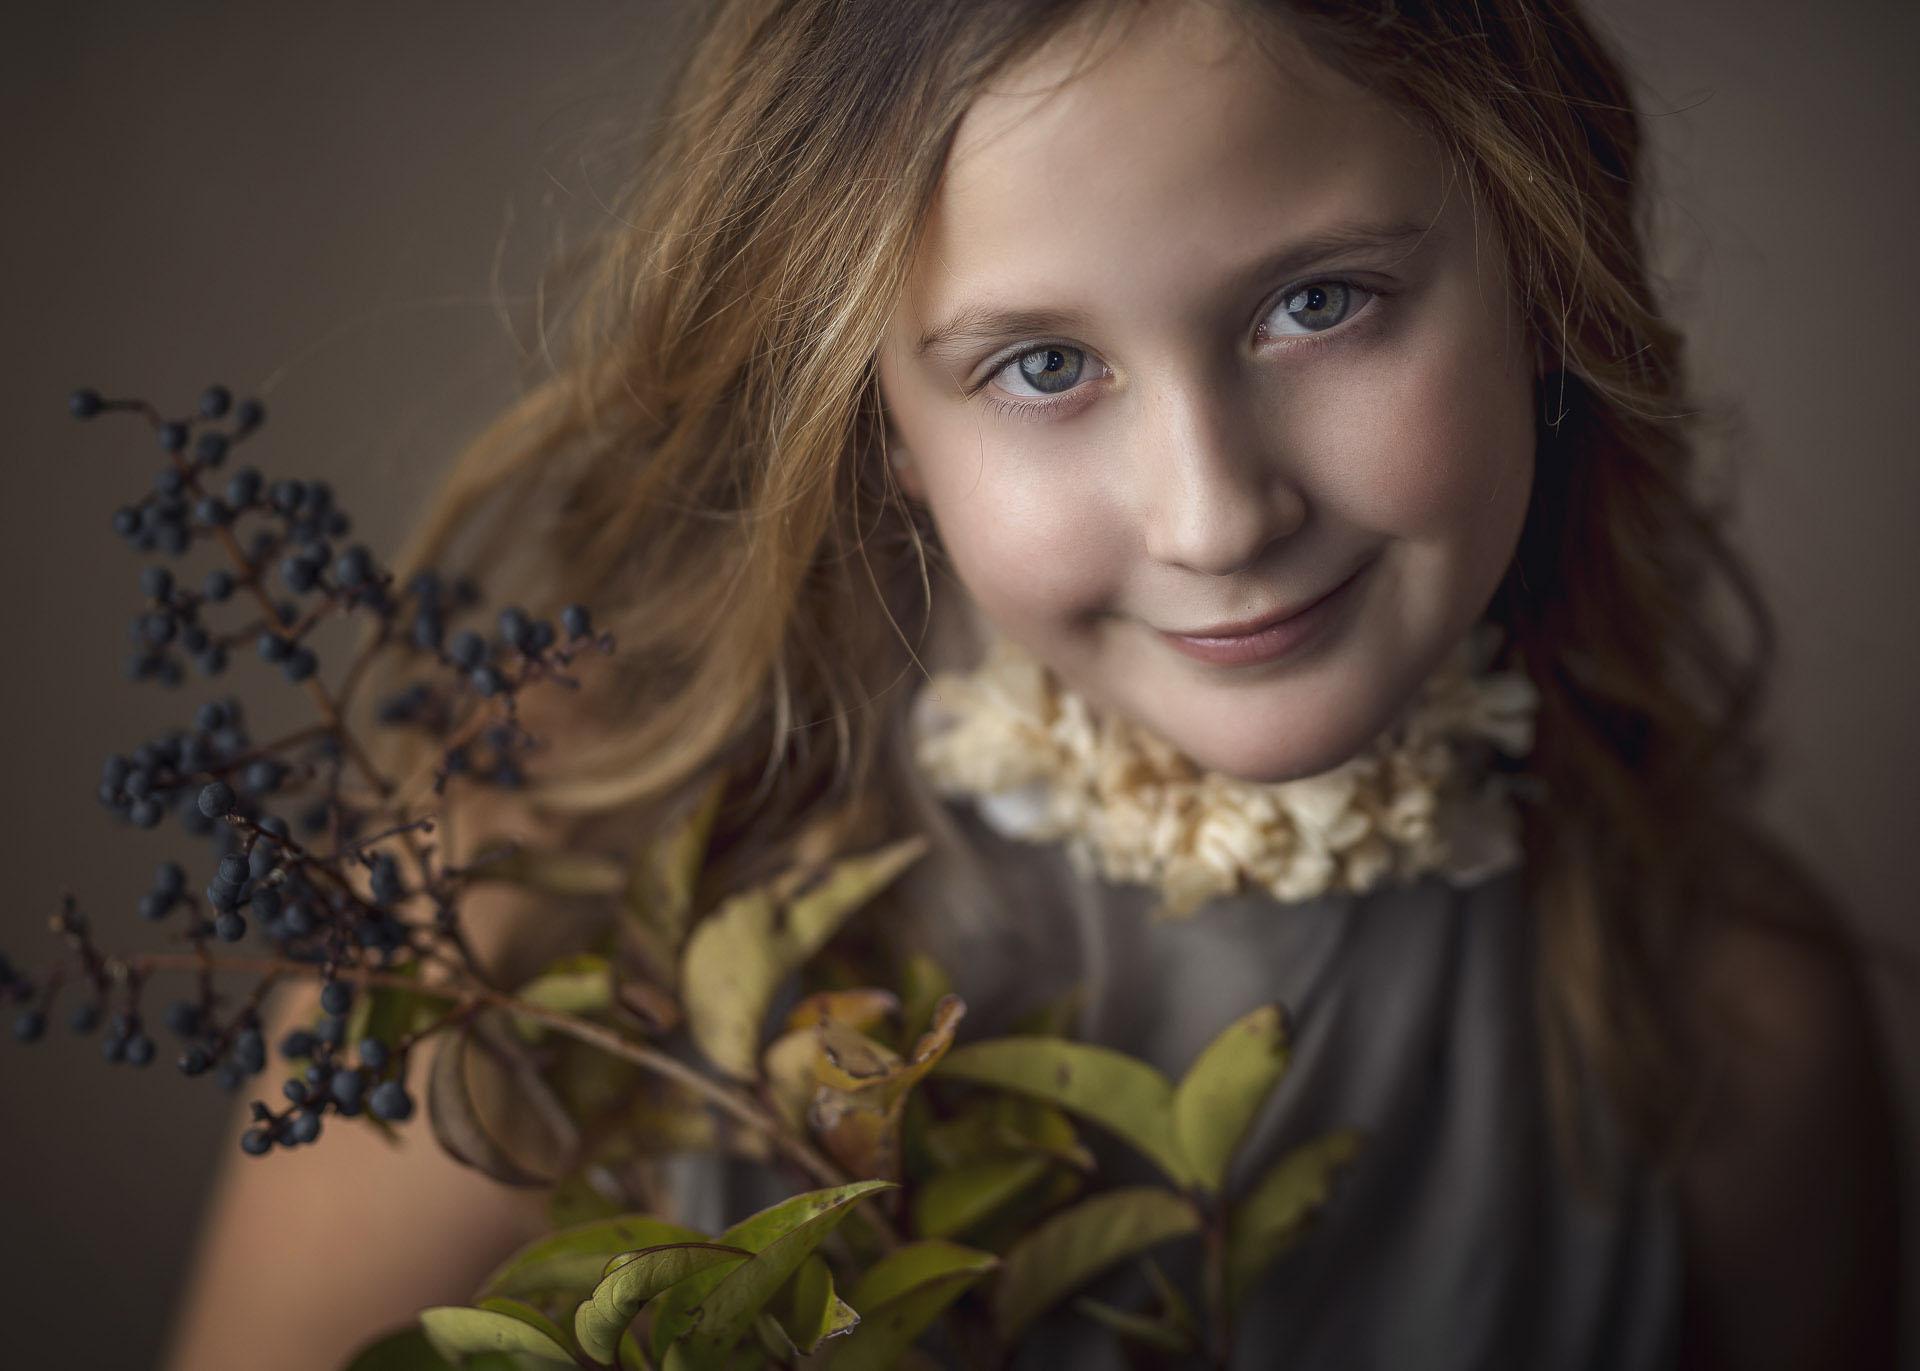 retrato fine art hn fotografo-6